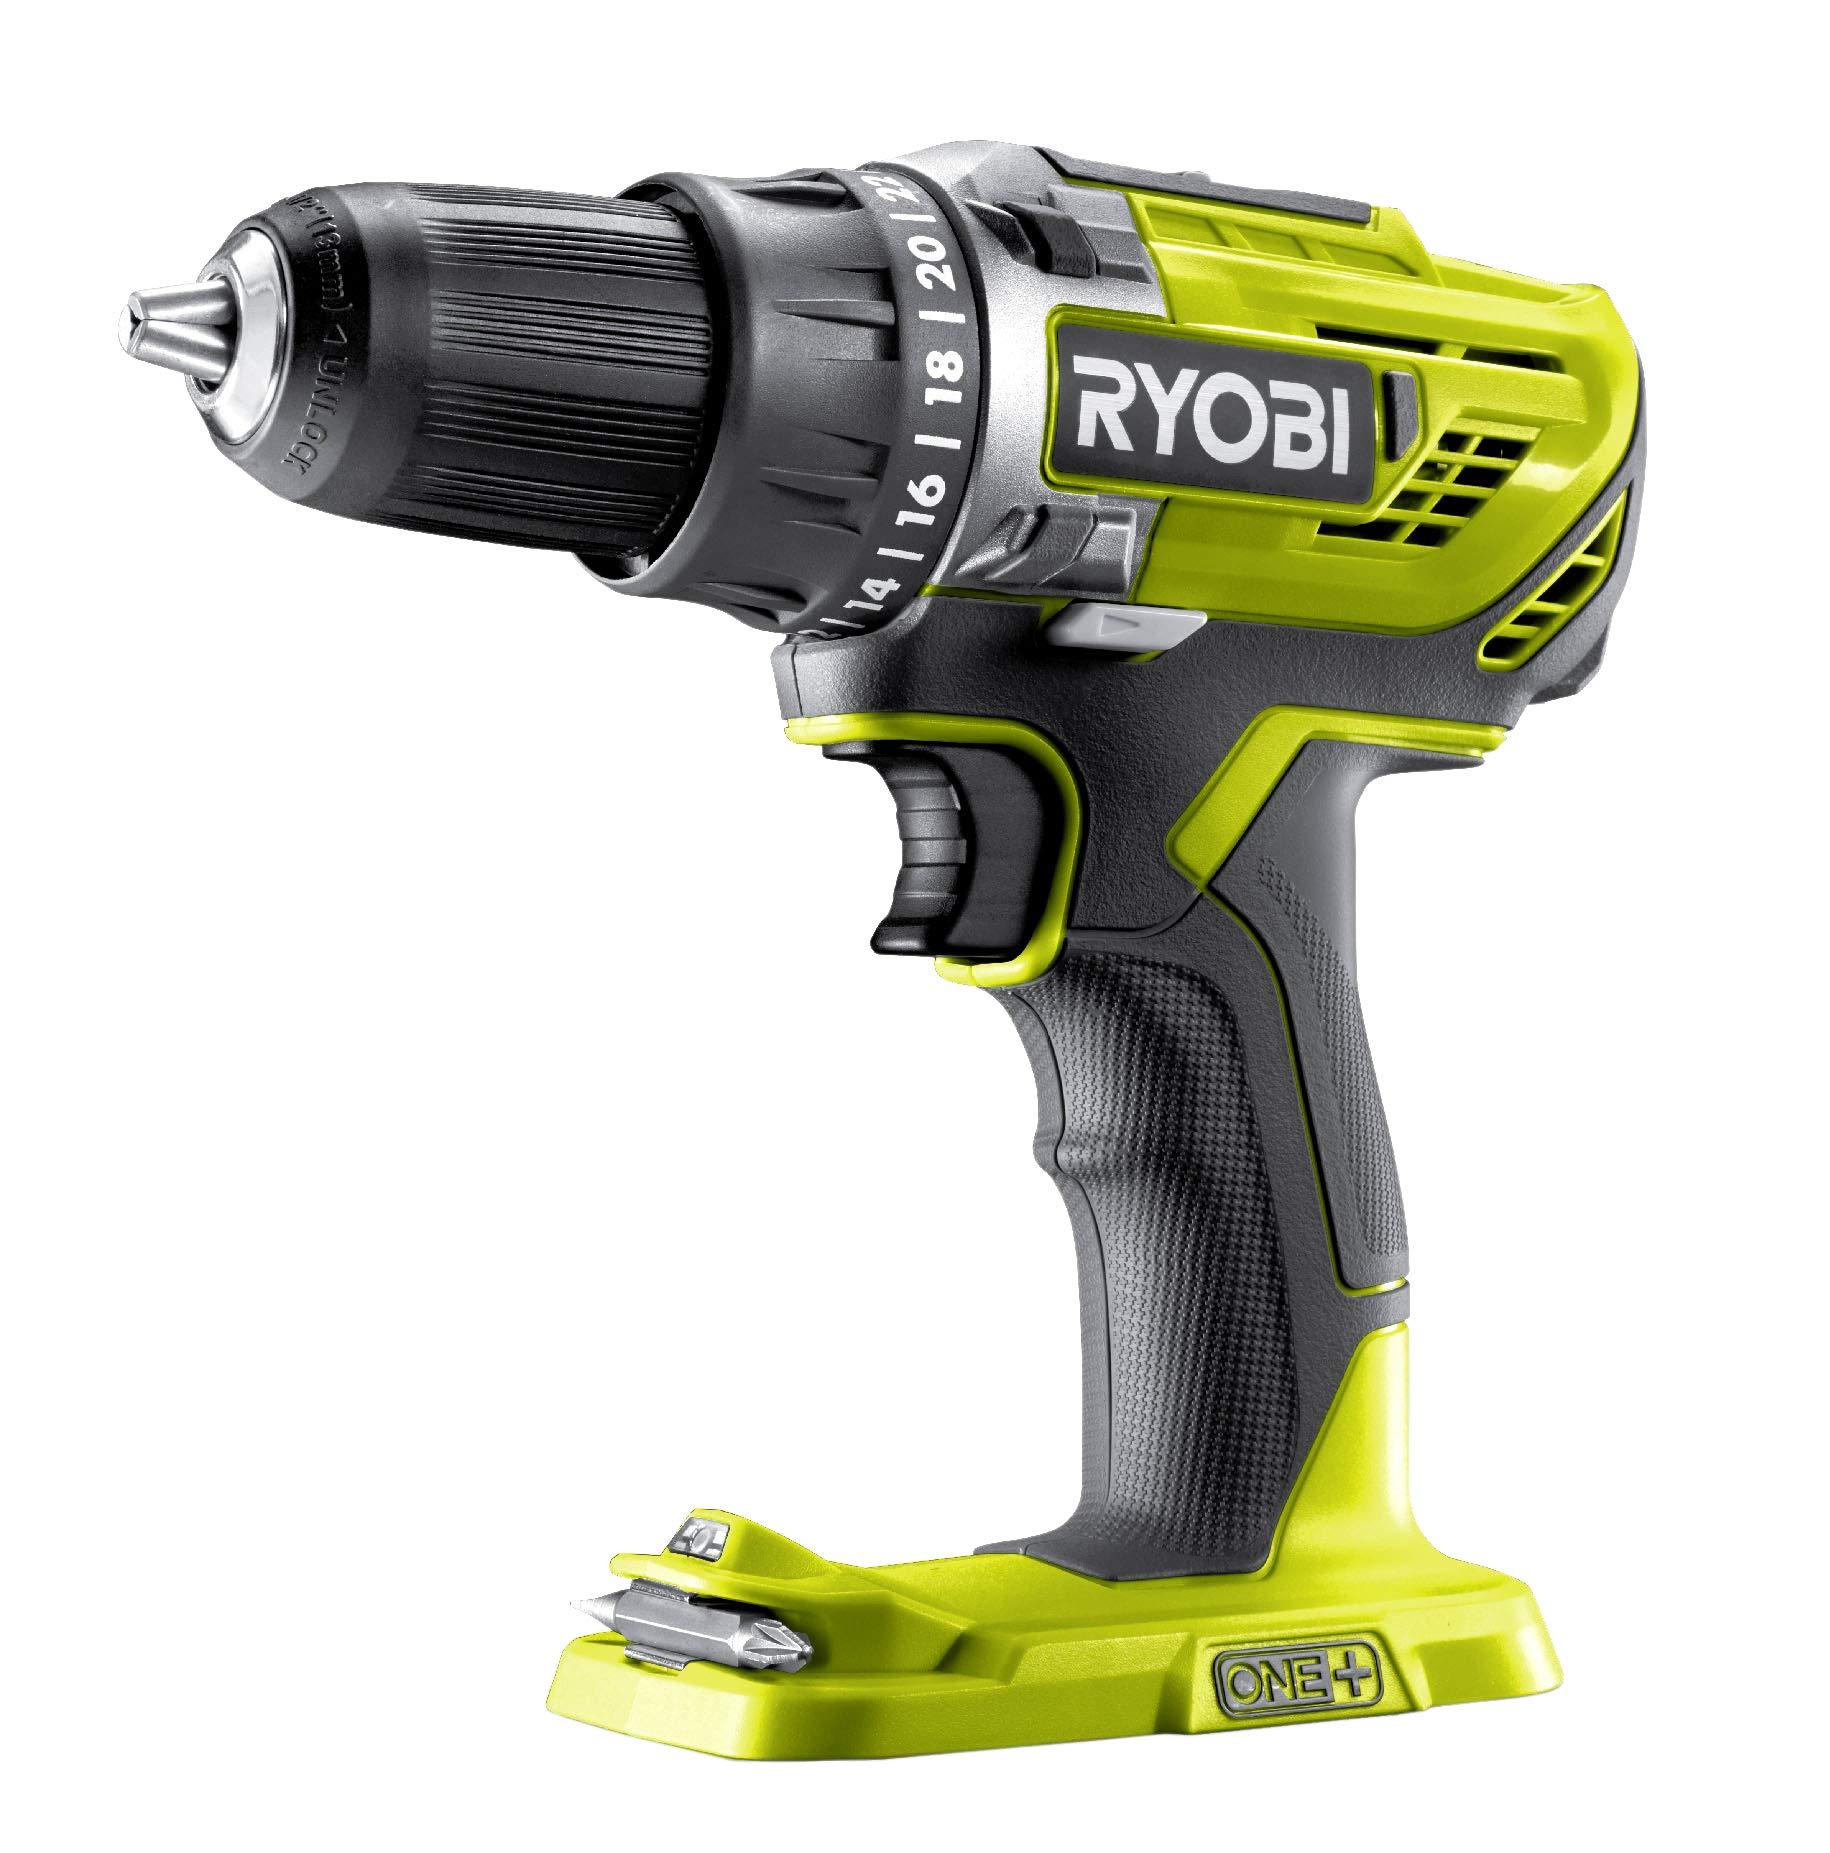 Ryobi-Bohrschrauber-2-Gang-Bohrfutter-13-mm-LED-Beleuchtung-ohne-Akku-und-Ladegert–R18DD3-0-18-V-Hyper-Grn